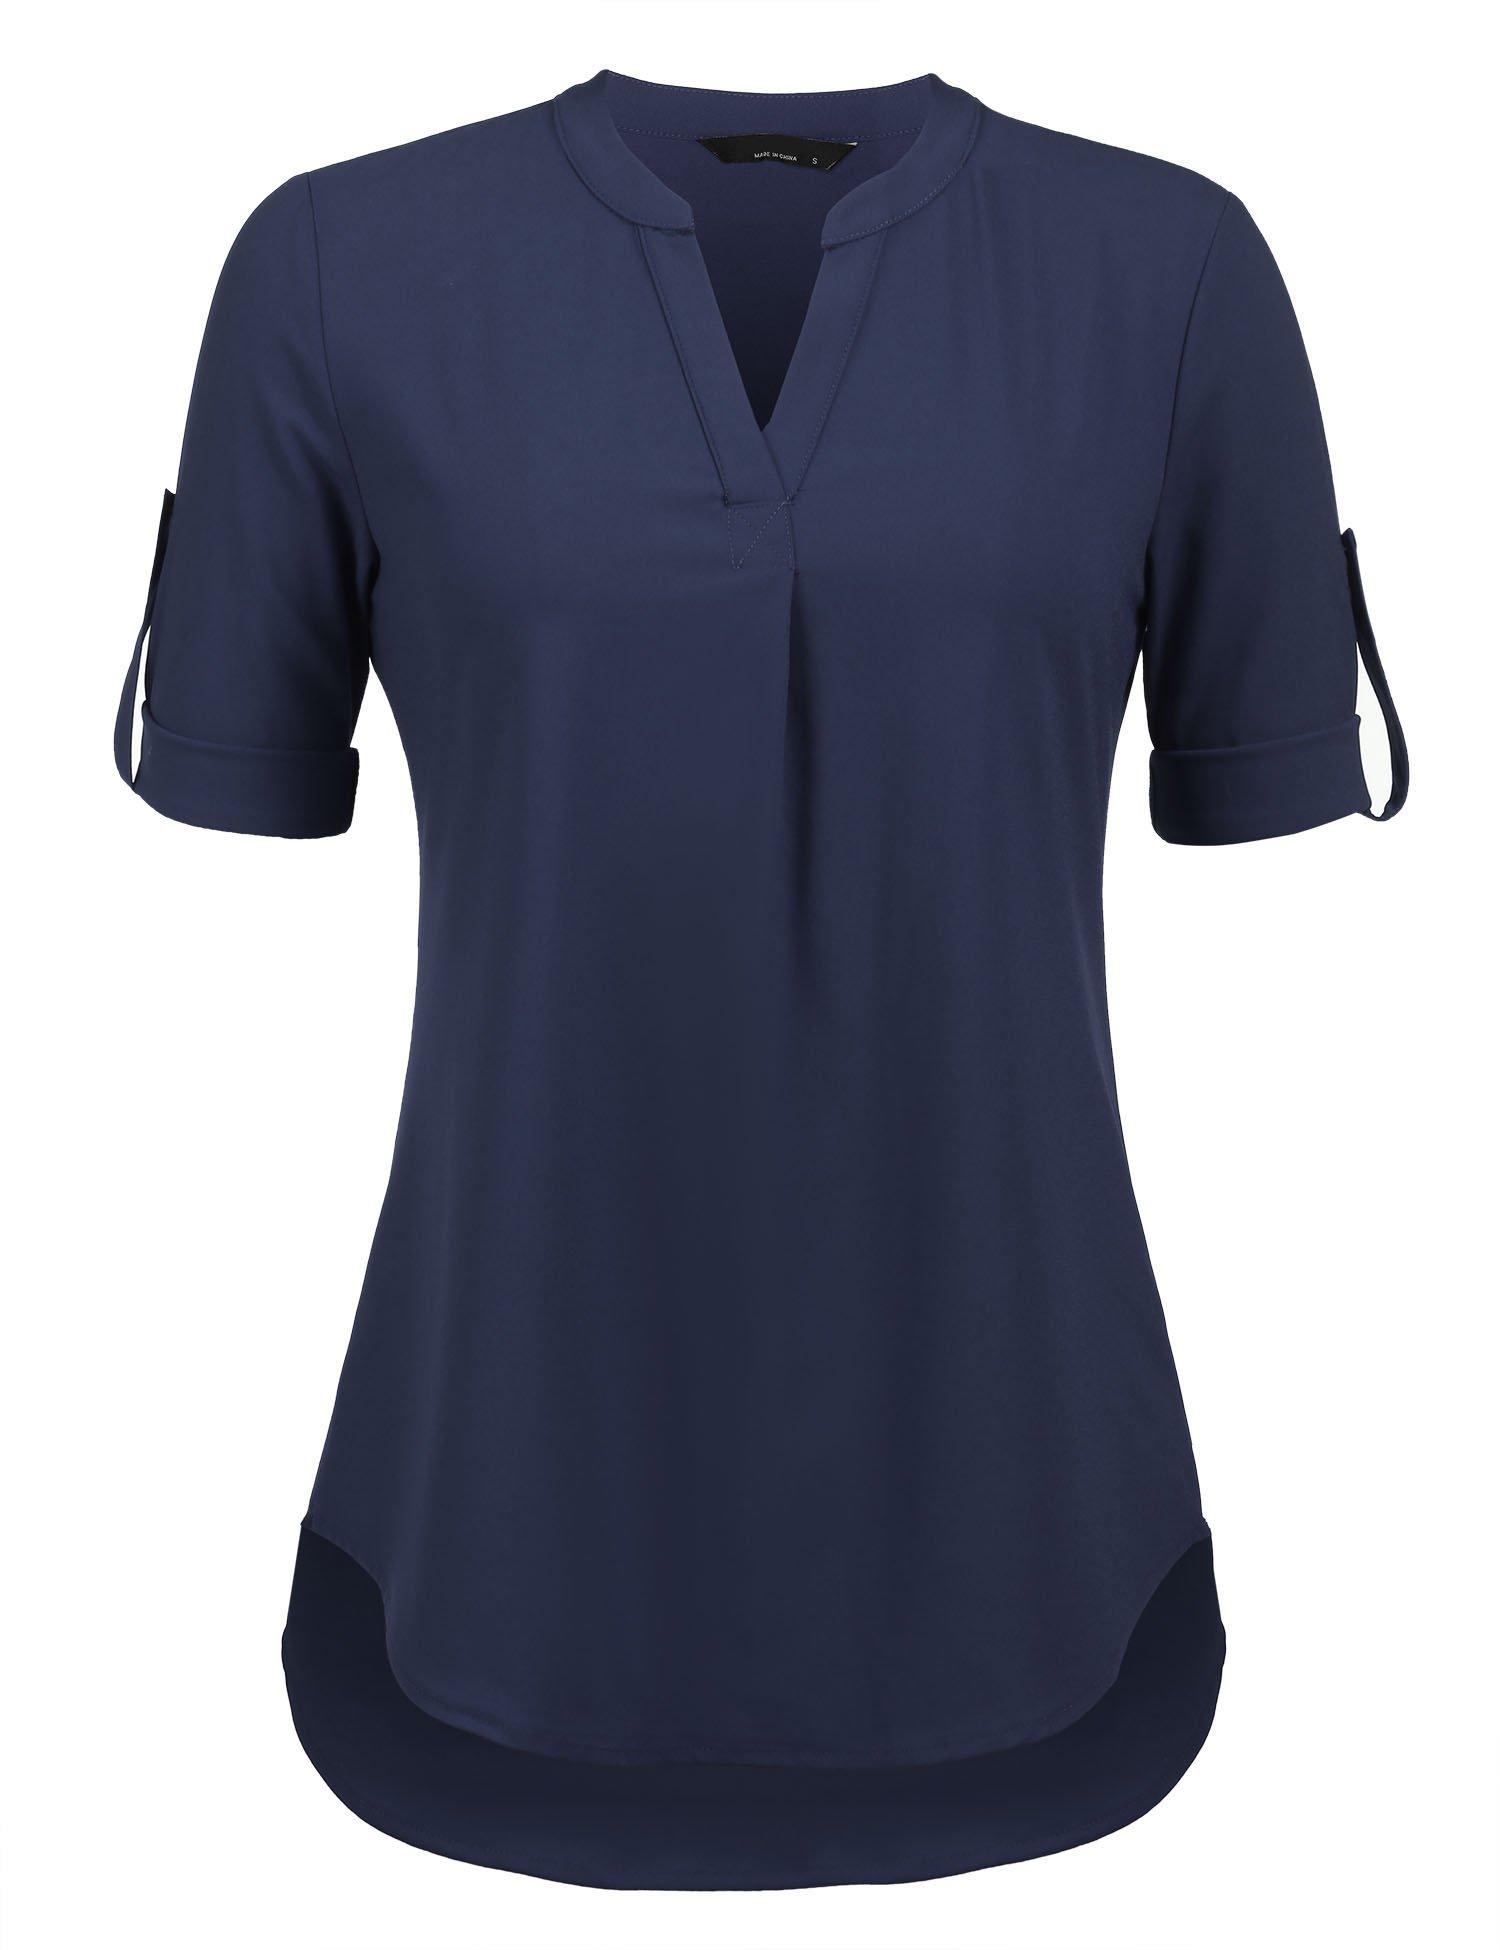 Hersife Henley V Neck Shirt Half Sleeve Blouse Business Work Tops for Women Navy Blue,Medium